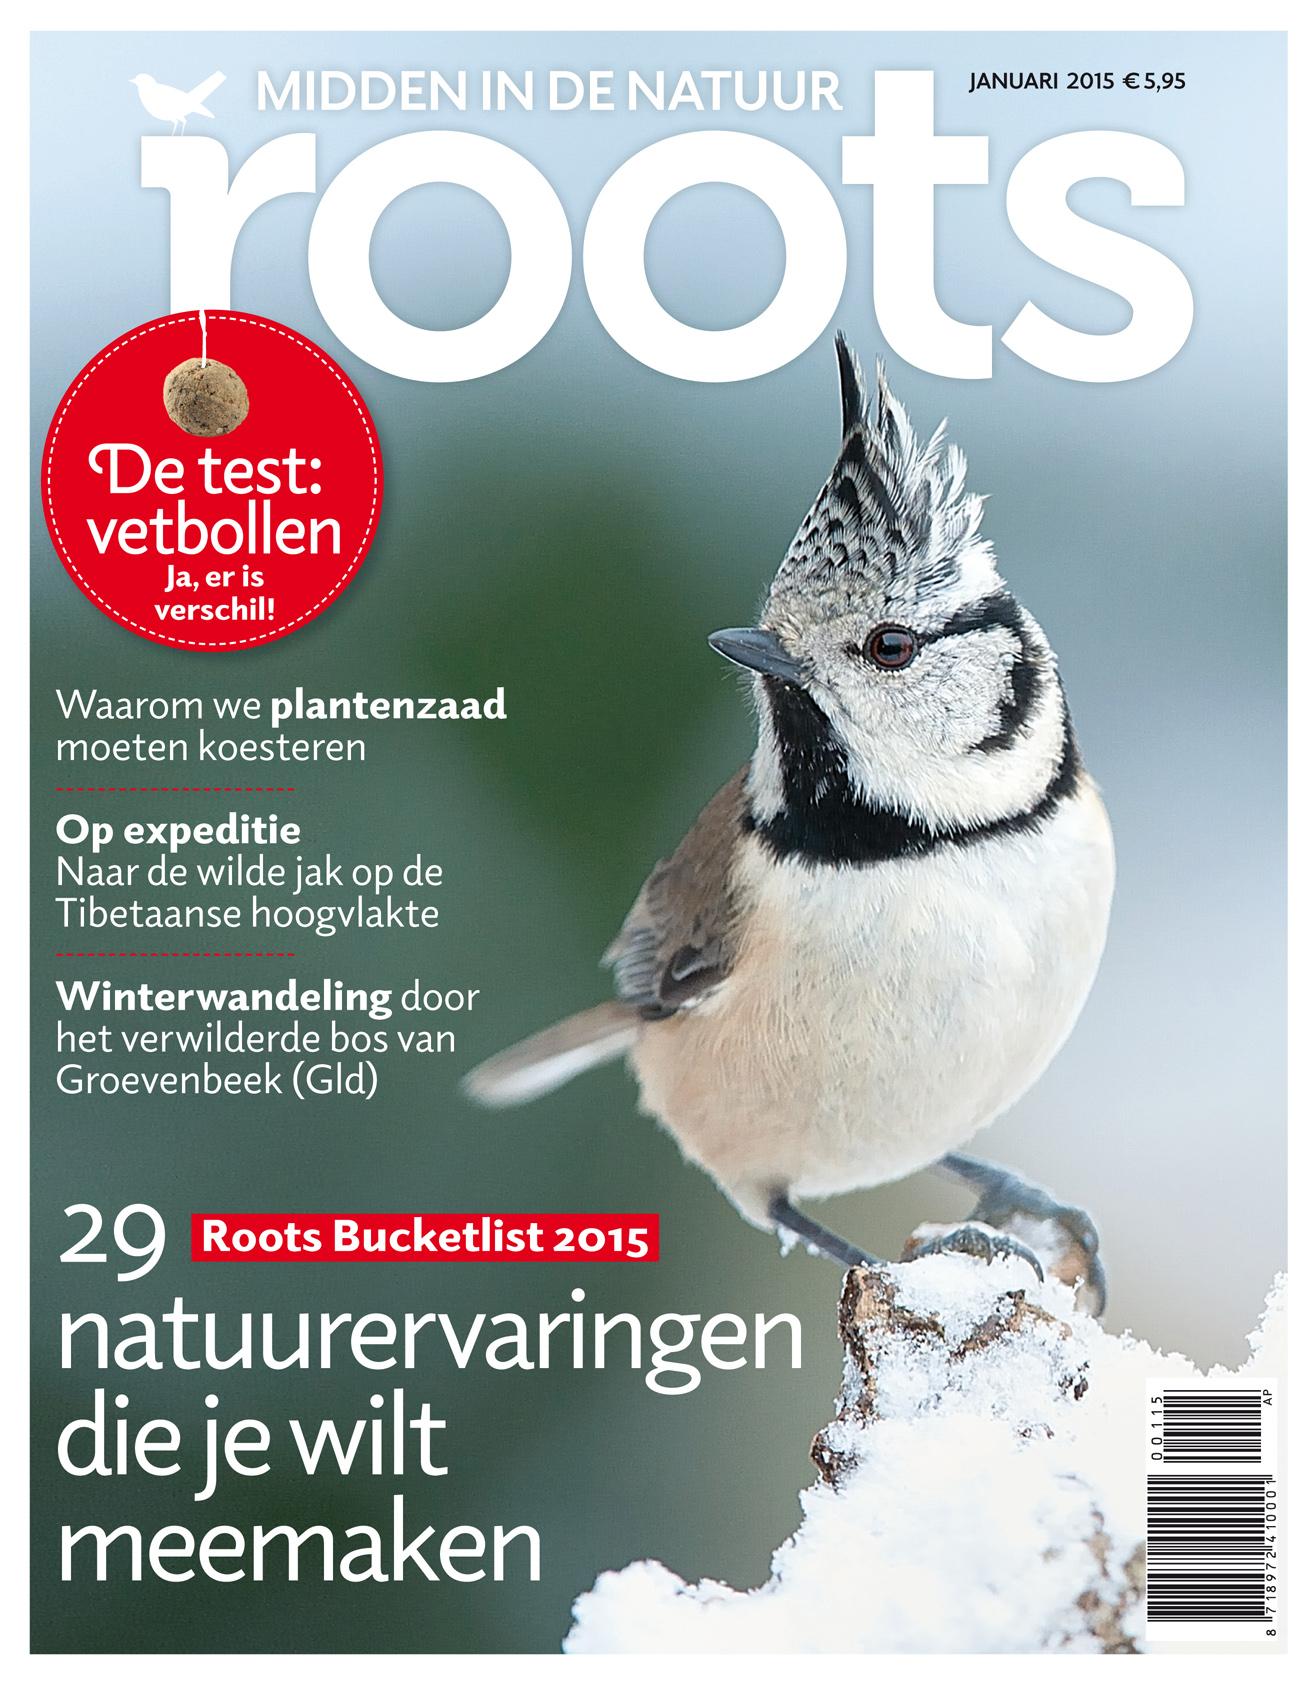 De Rootscover van december. Een kek vogeltje dat communiceert.